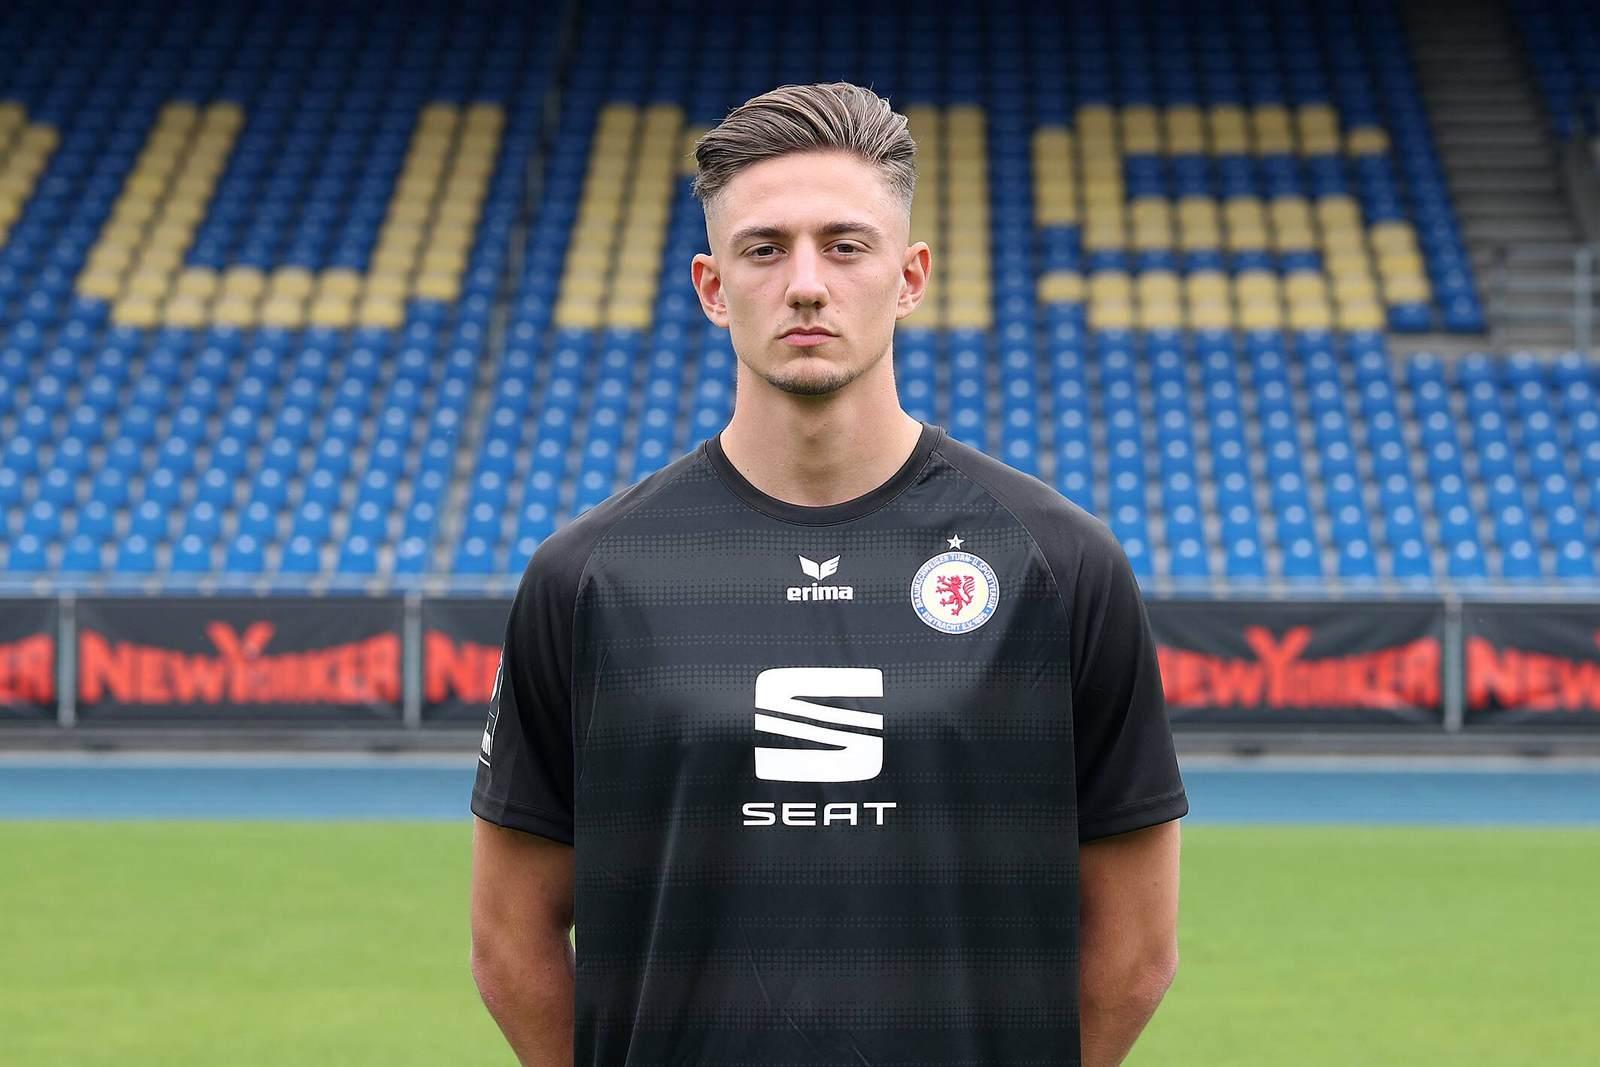 Roman Birjukov bei Eintracht Braunschweig